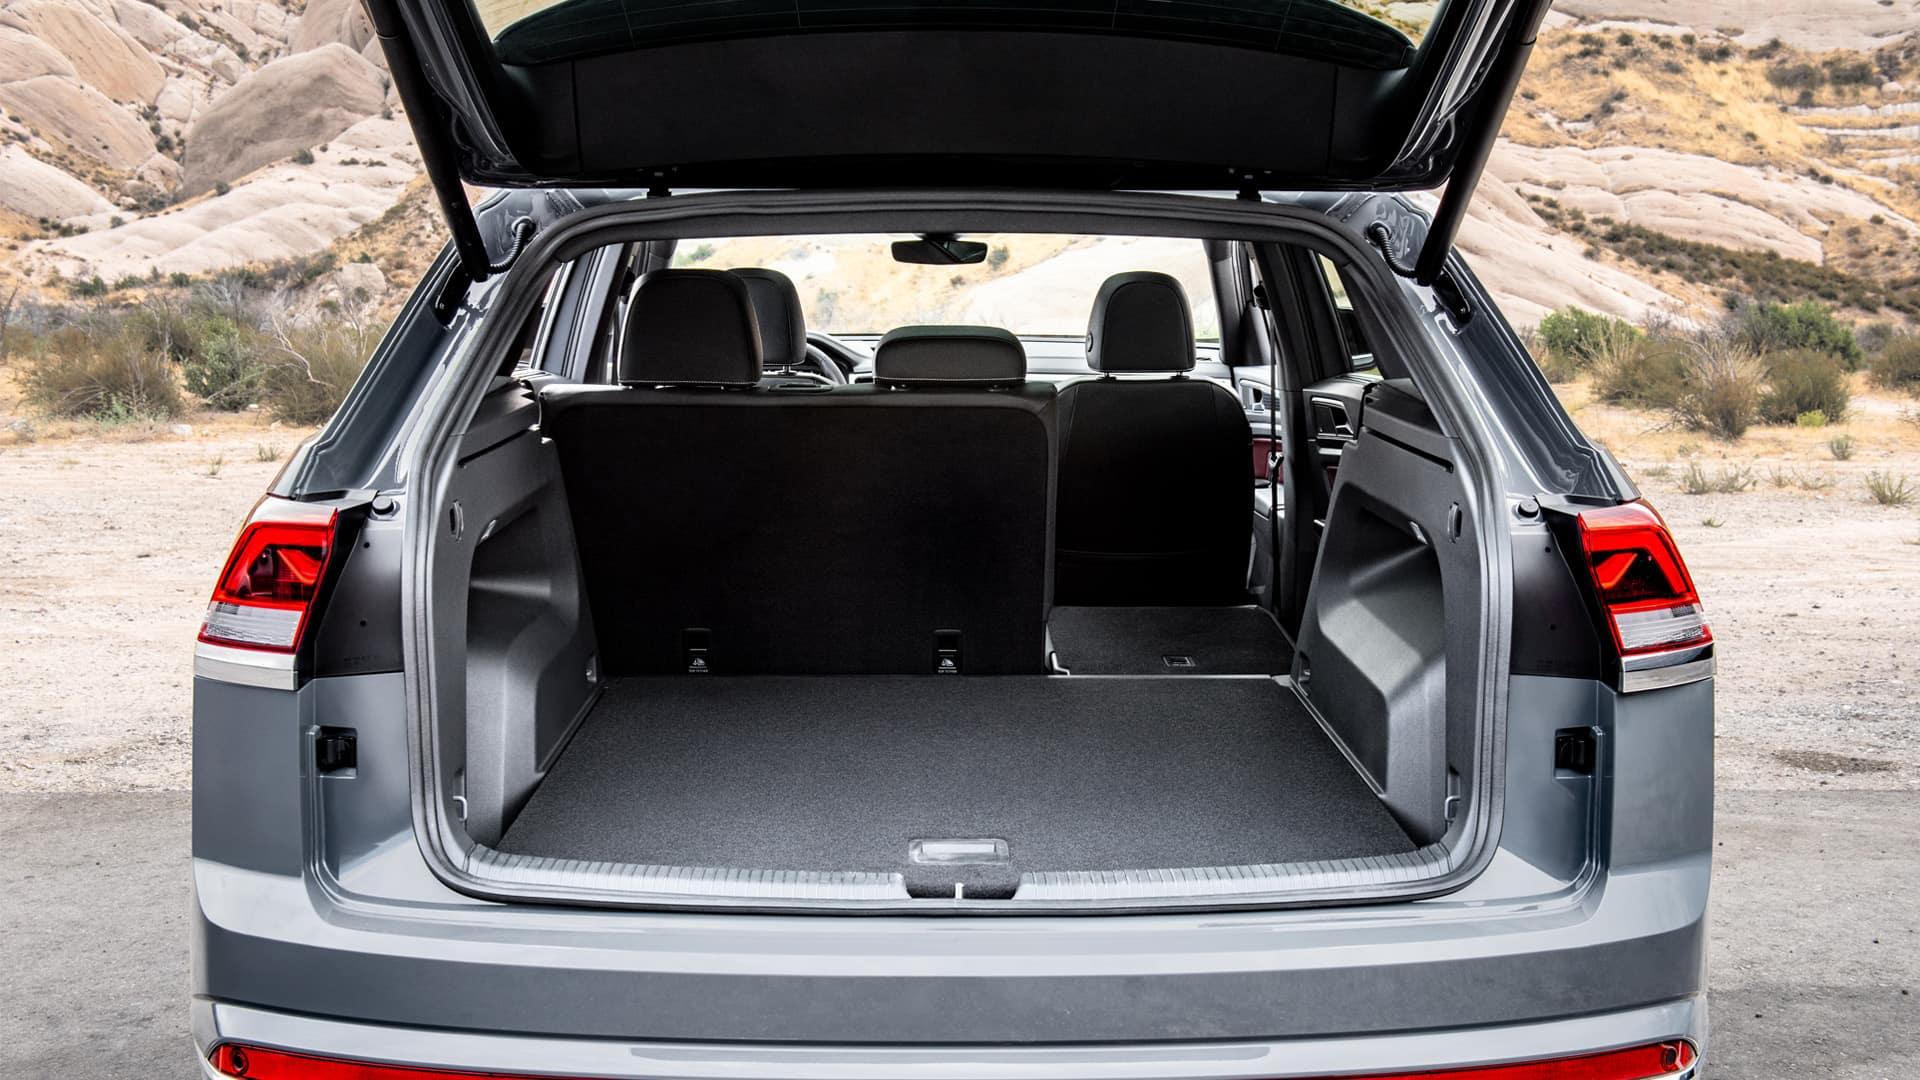 VW Atlas Cross Sport cargo space